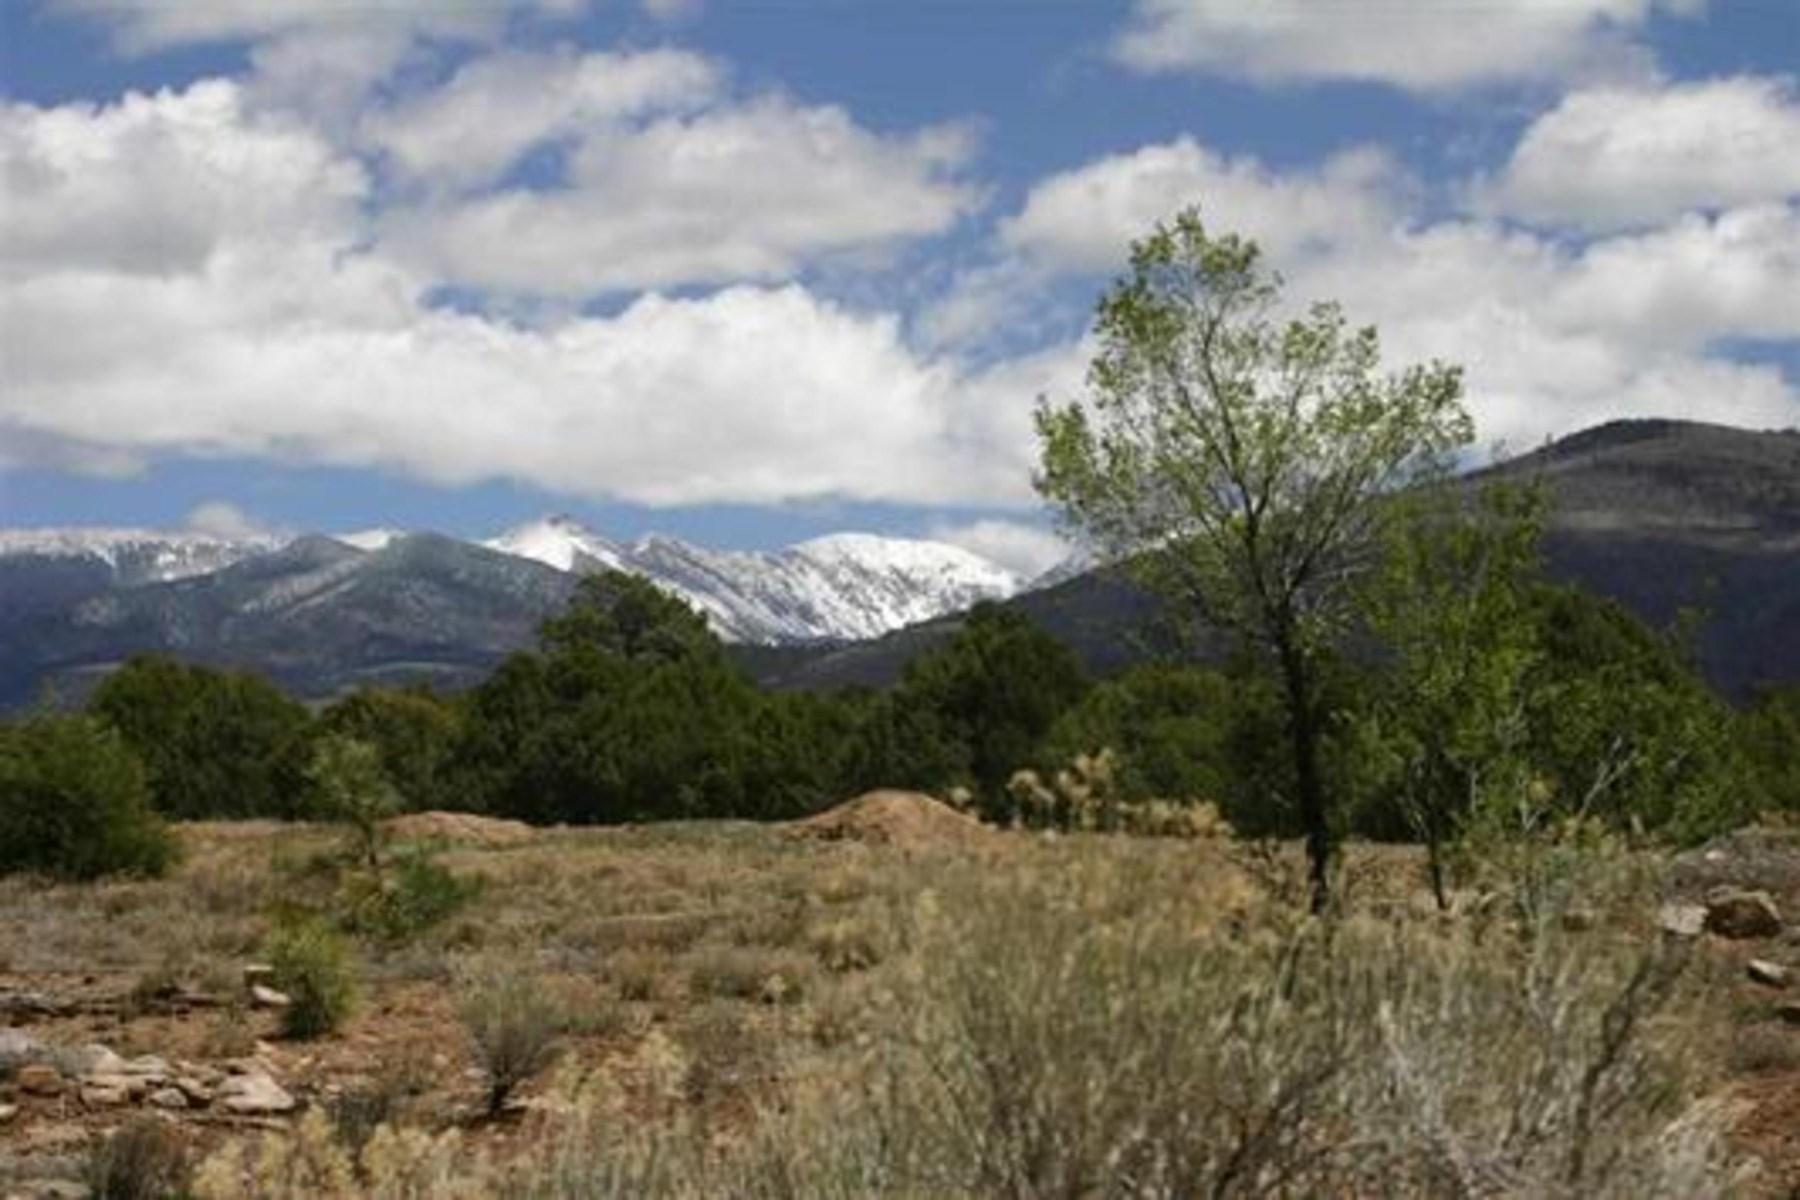 Đất đai vì Bán tại Tract D County Road 79 Truchas, New Mexico, 87578 Hoa Kỳ